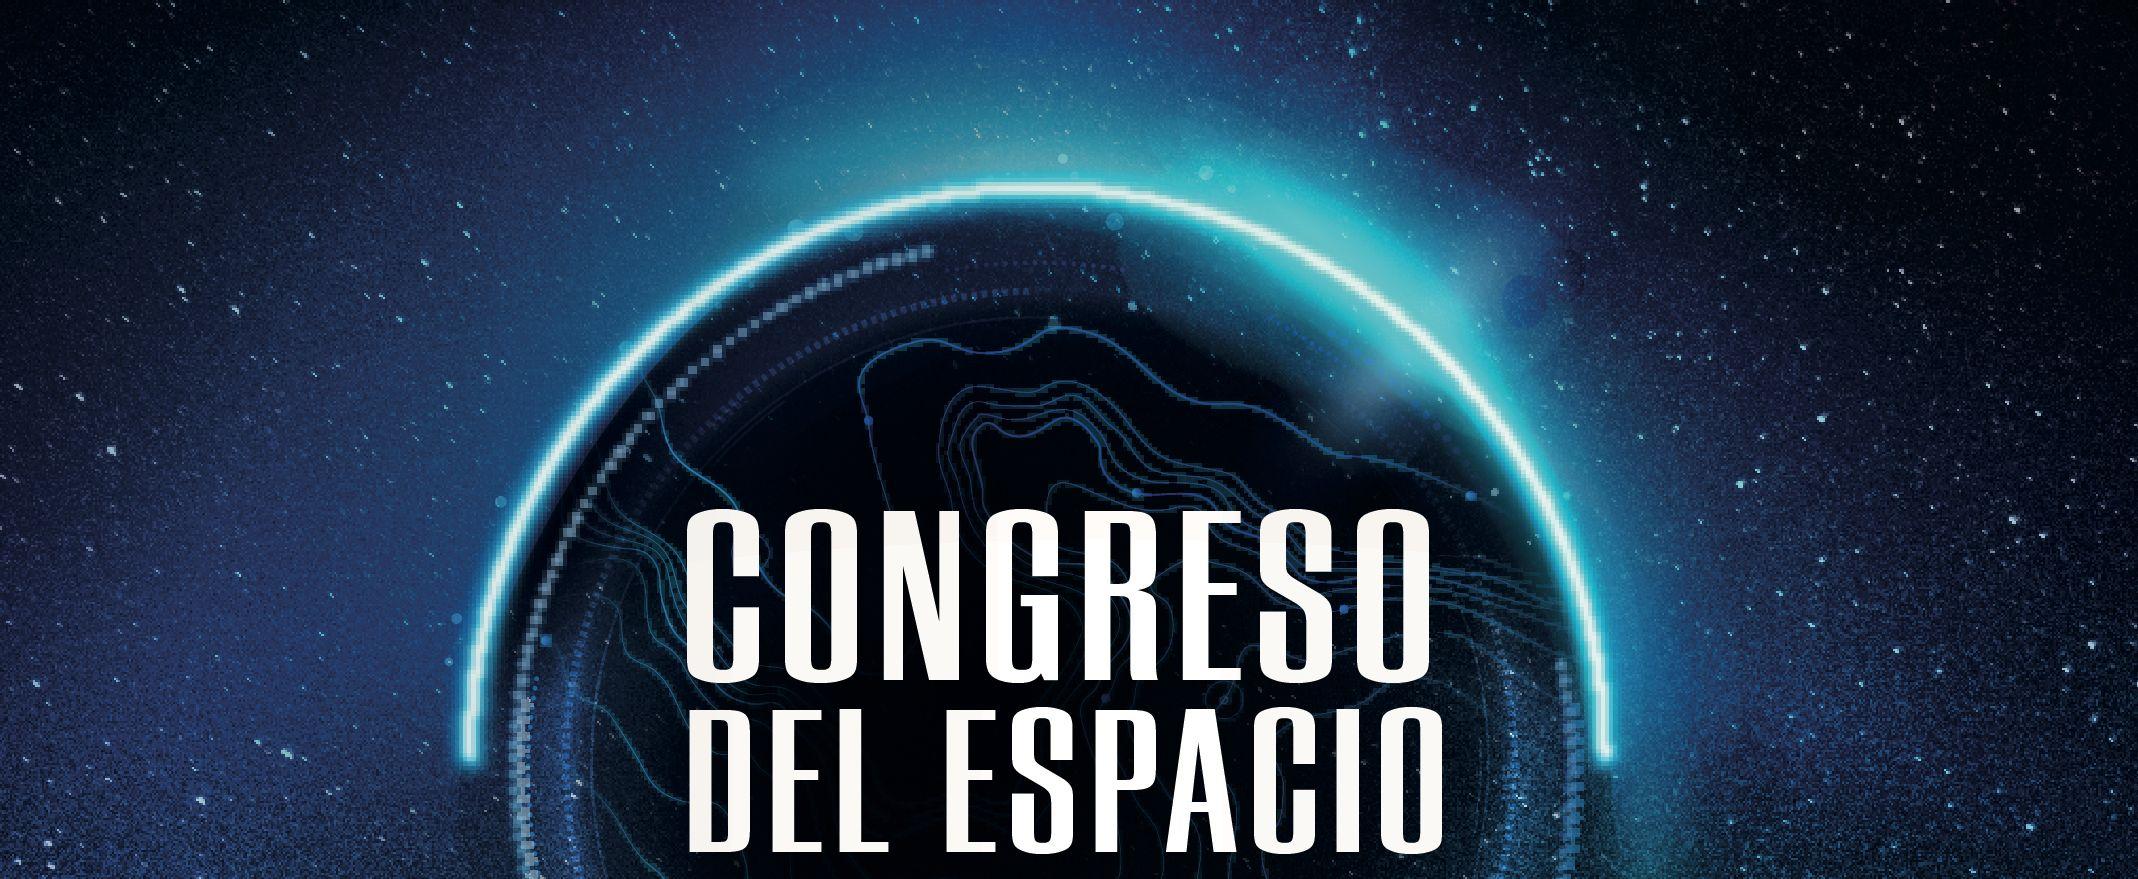 España, Congreso del Espacio